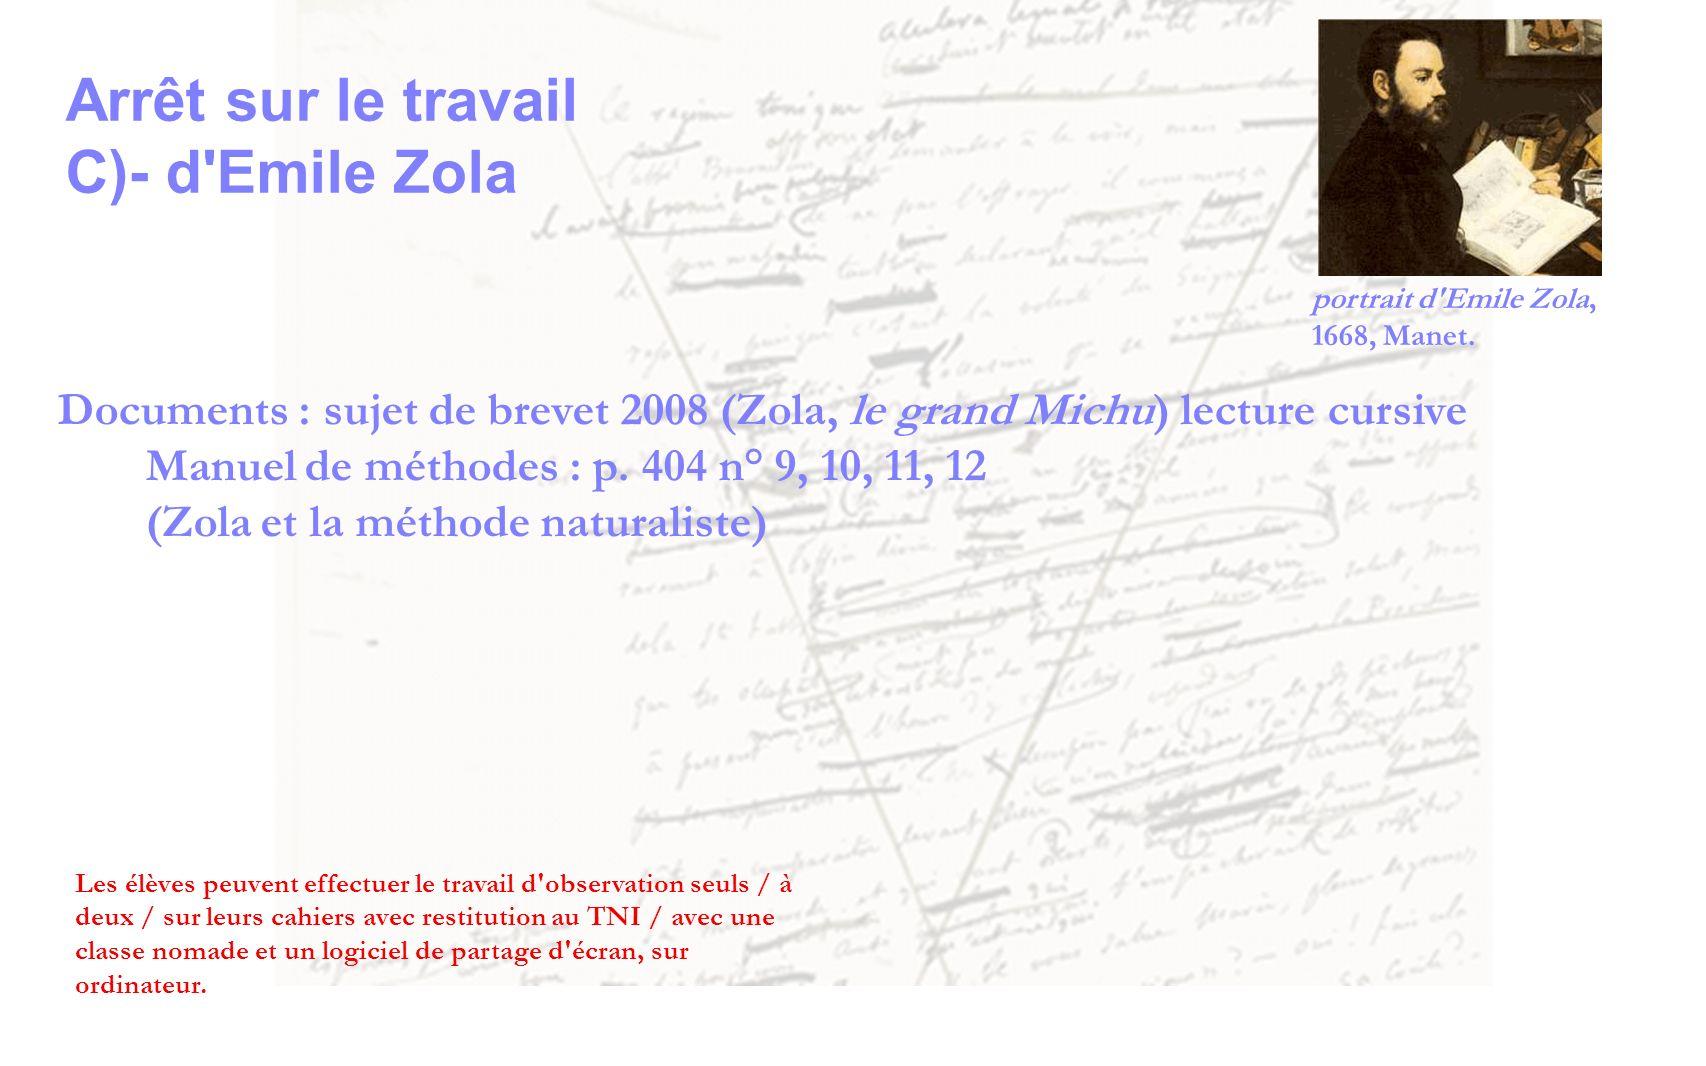 Documents : sujet de brevet 2008 (Zola, le grand Michu) lecture cursive Manuel de méthodes : p. 404 n° 9, 10, 11, 12 (Zola et la méthode naturaliste)